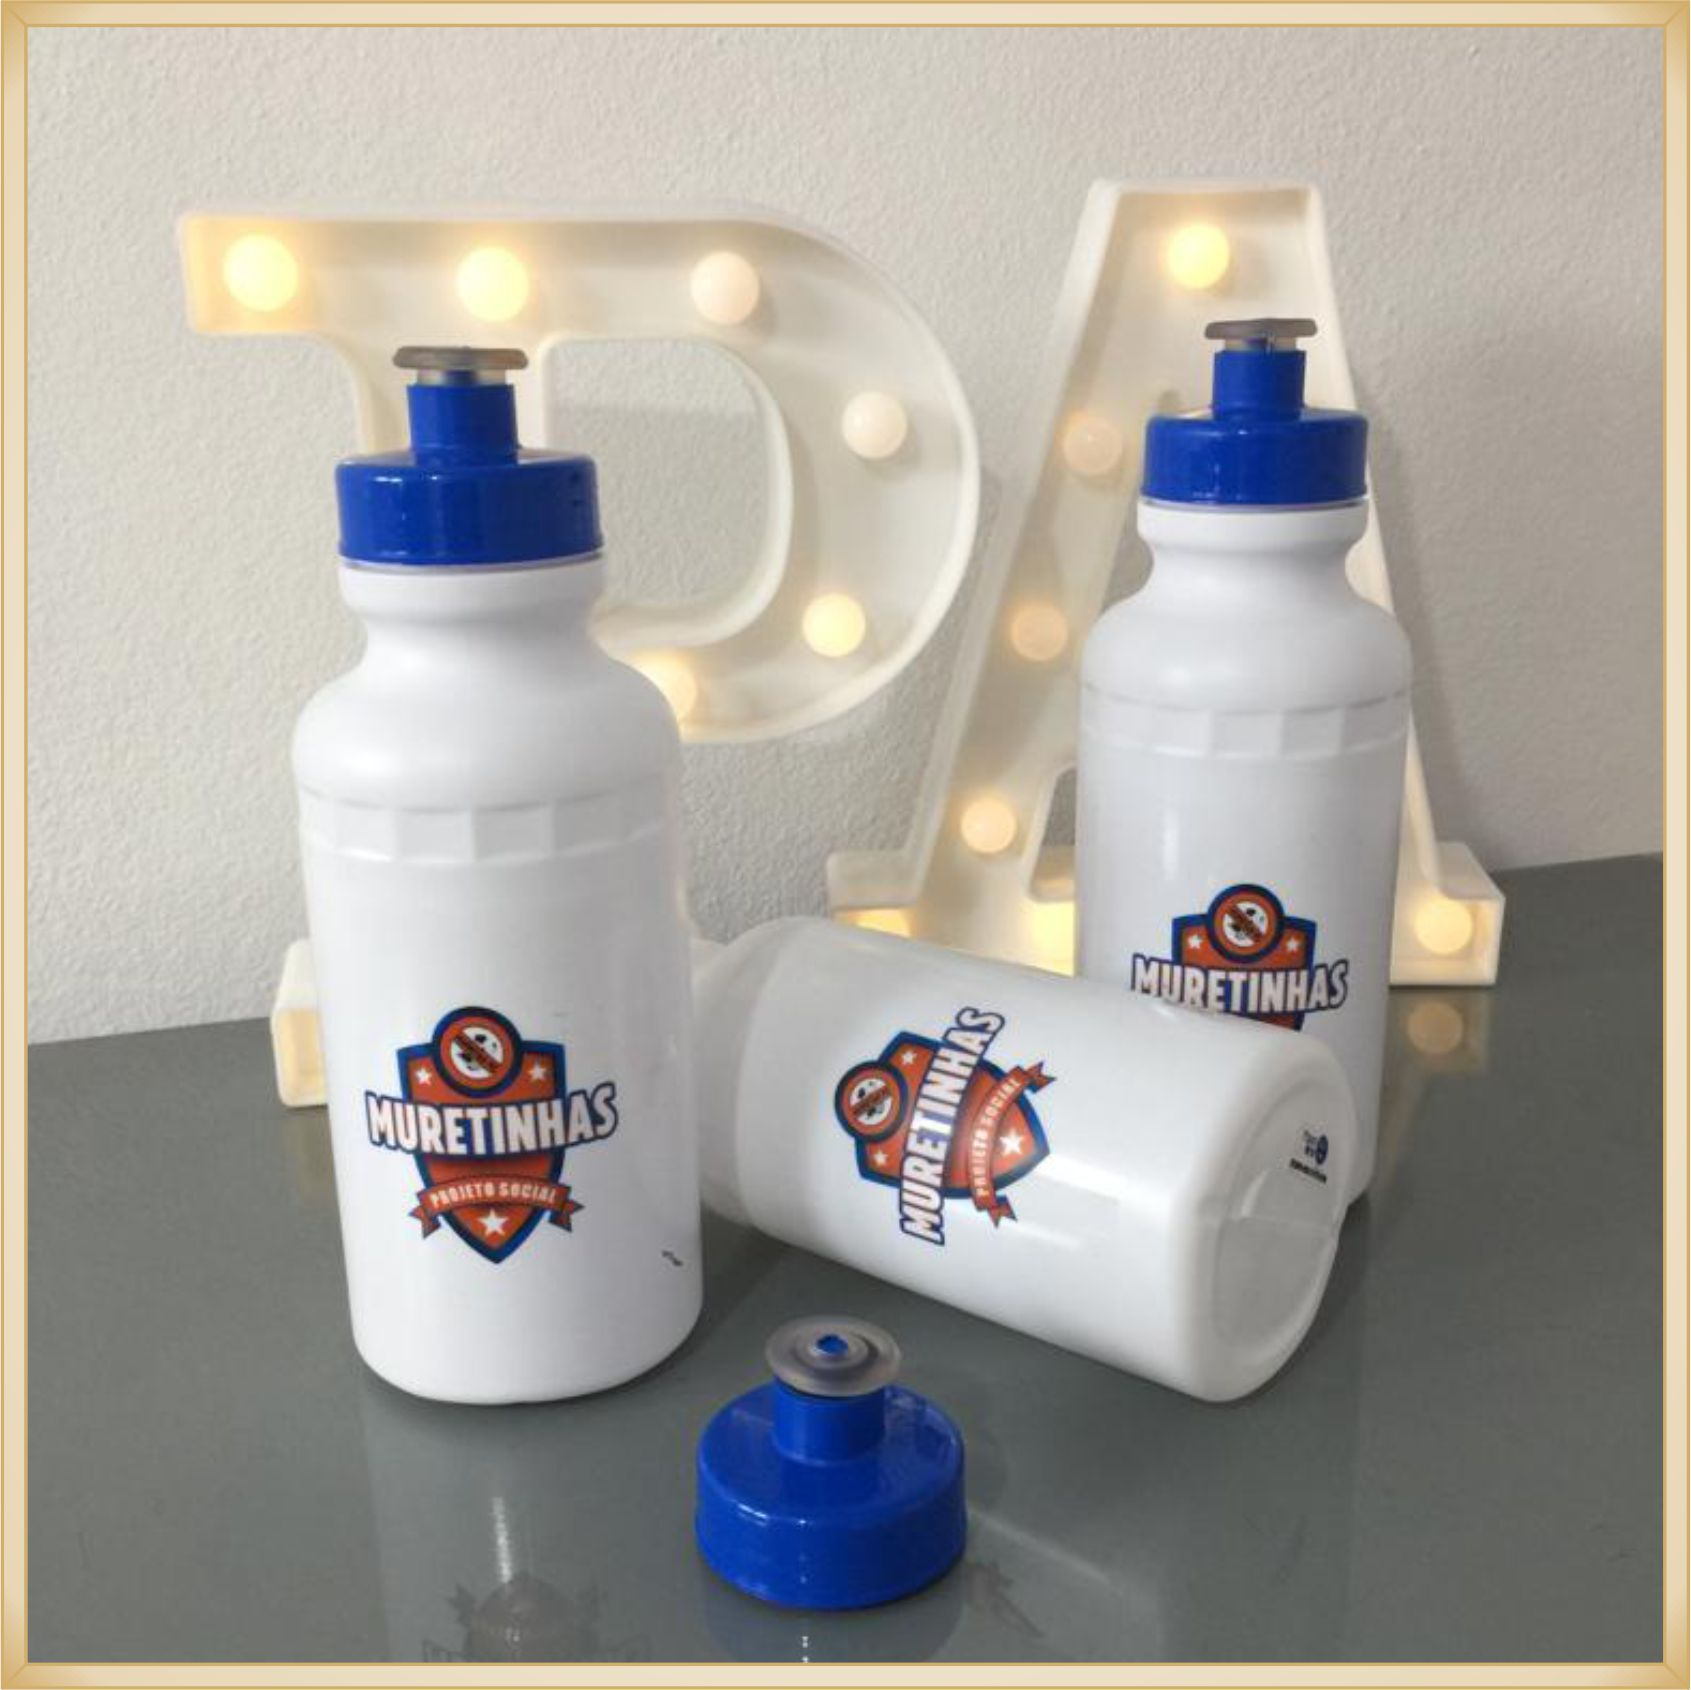 Squeeze Personalizado para aniversário infantil - prático e durável, estampa brilhante de alta qualidade, volume 500 ml, resistente a quedas.